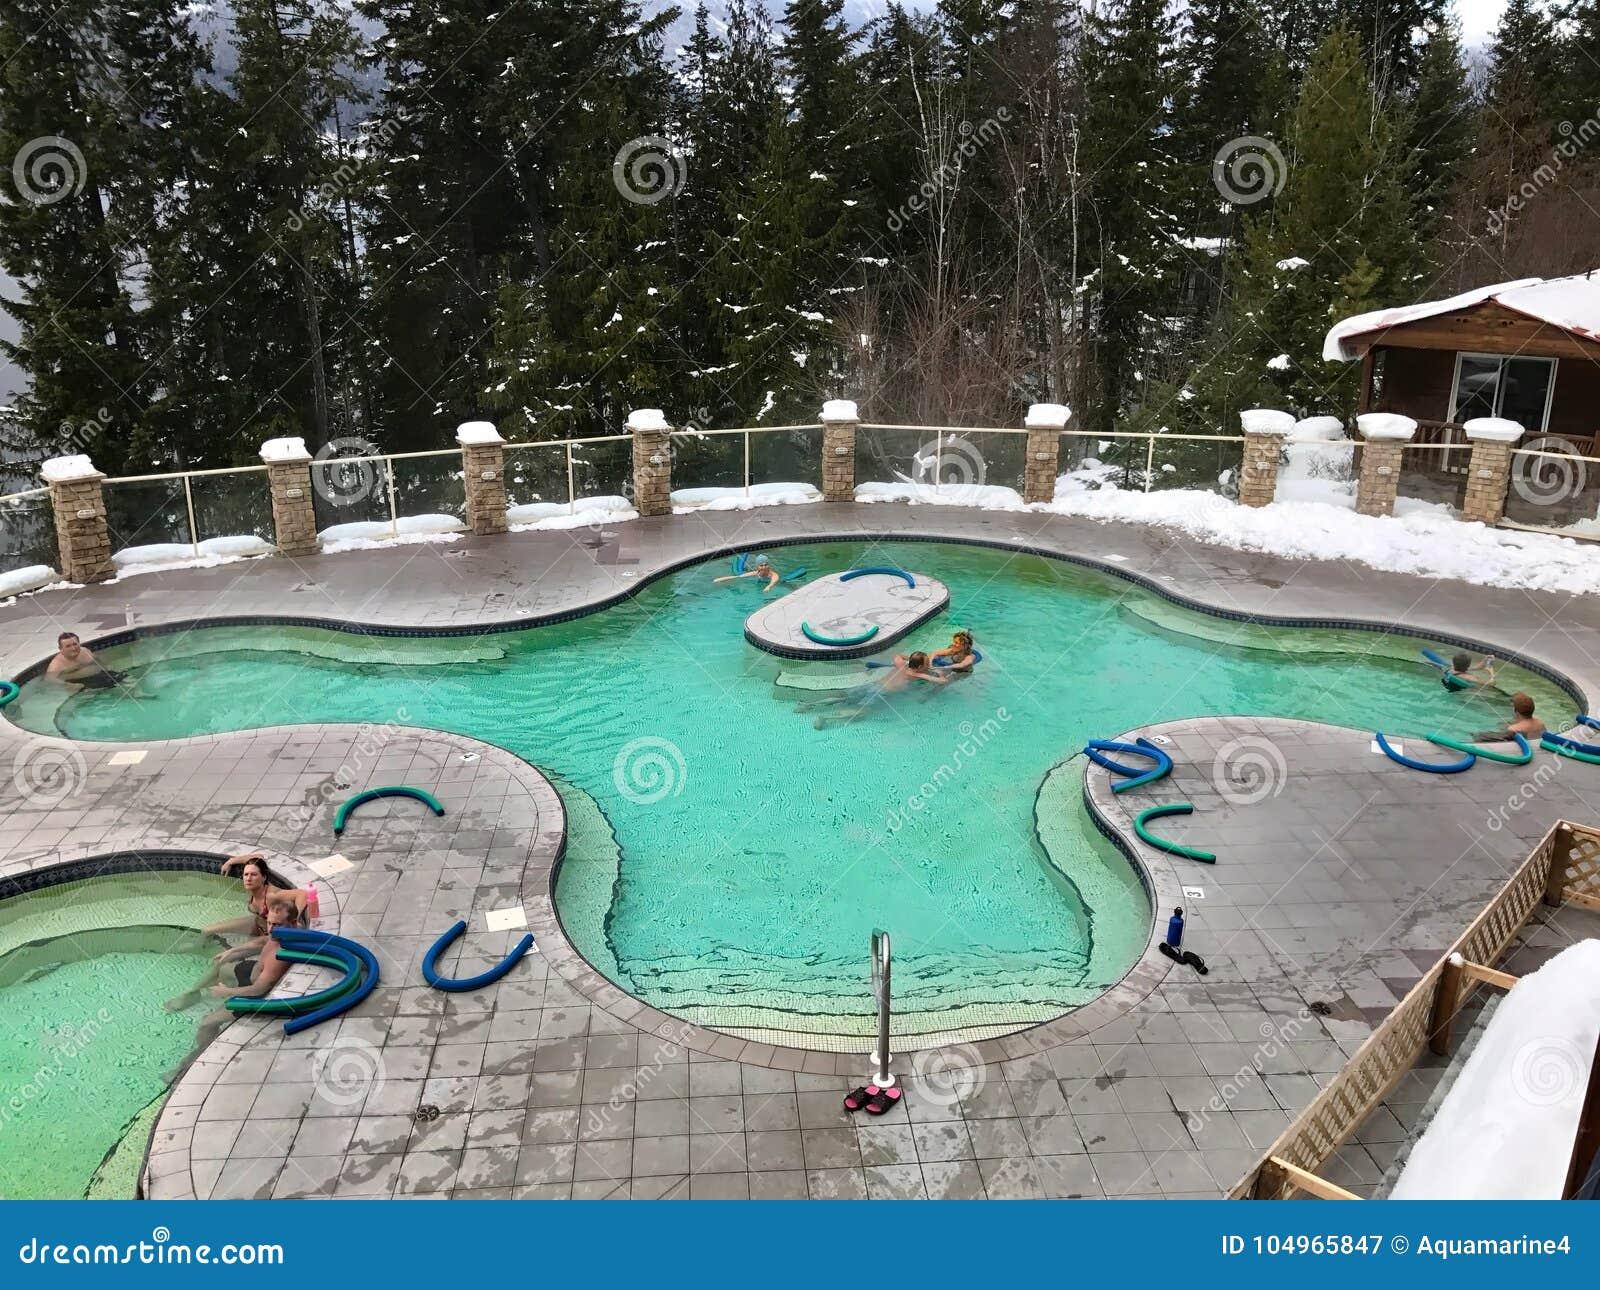 DE IJSVOGEL HETE LENTES, BRITS COLOMBIA CANADA - 26 DECEMBER, 2016: De mensen die in 37 graden Celsius-ontspannen mineraal voegen